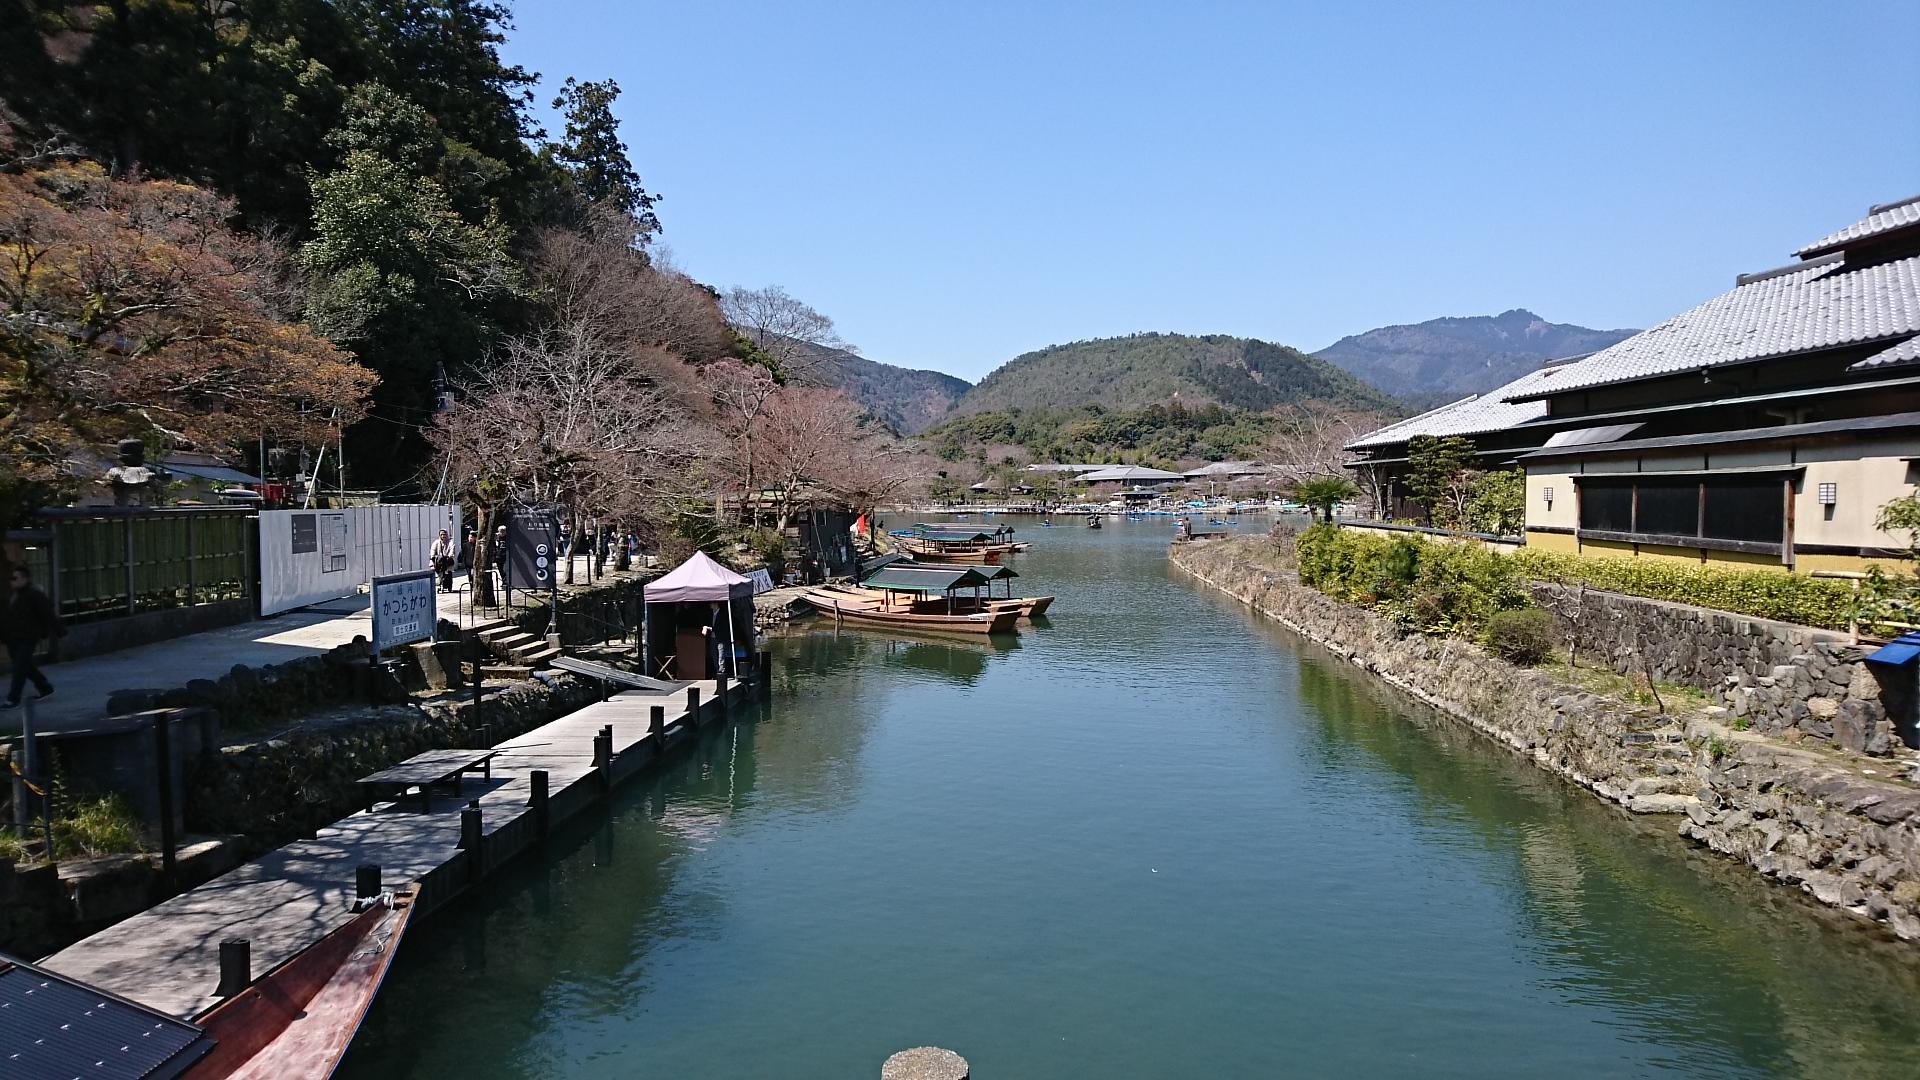 2017.4.2 阪急 (4) 桂川ふなつきば 1920-1080